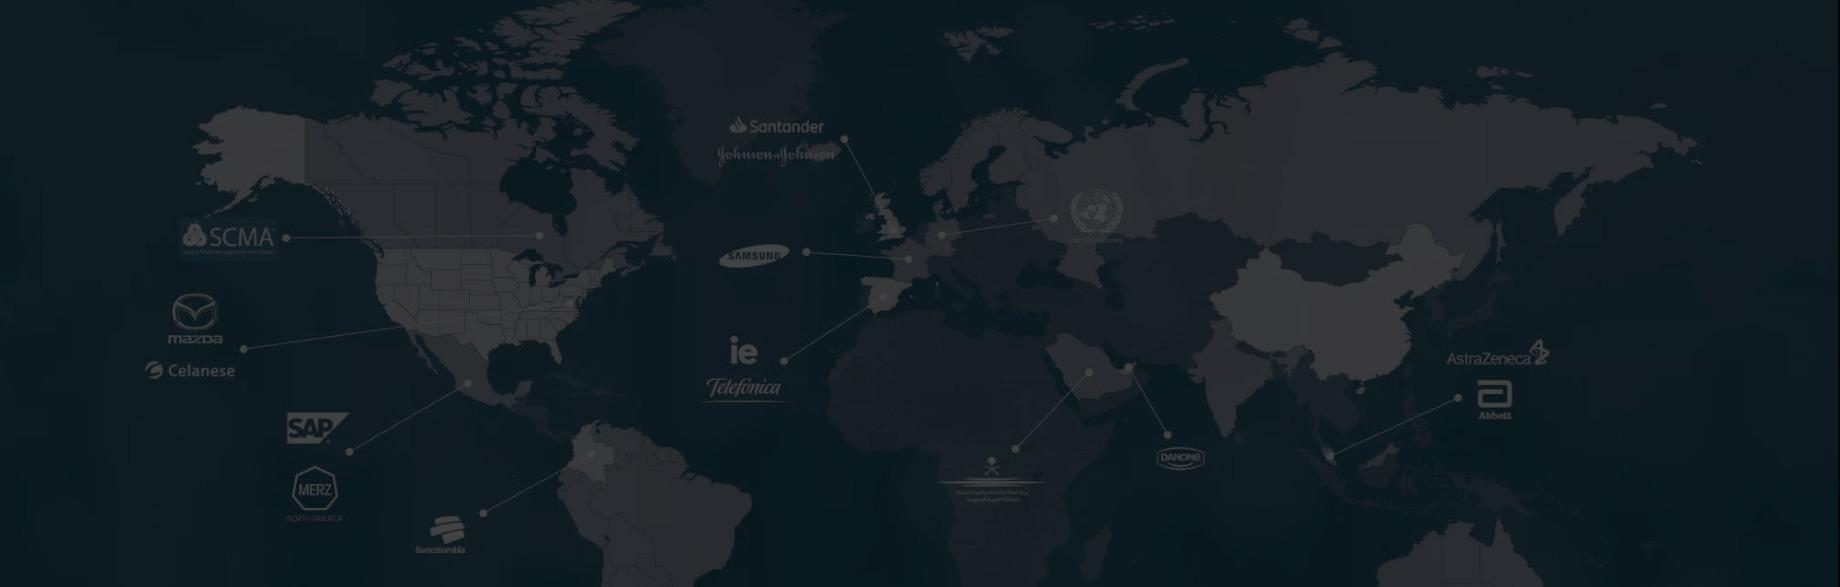 EventsCase | Software Gestión de Eventos